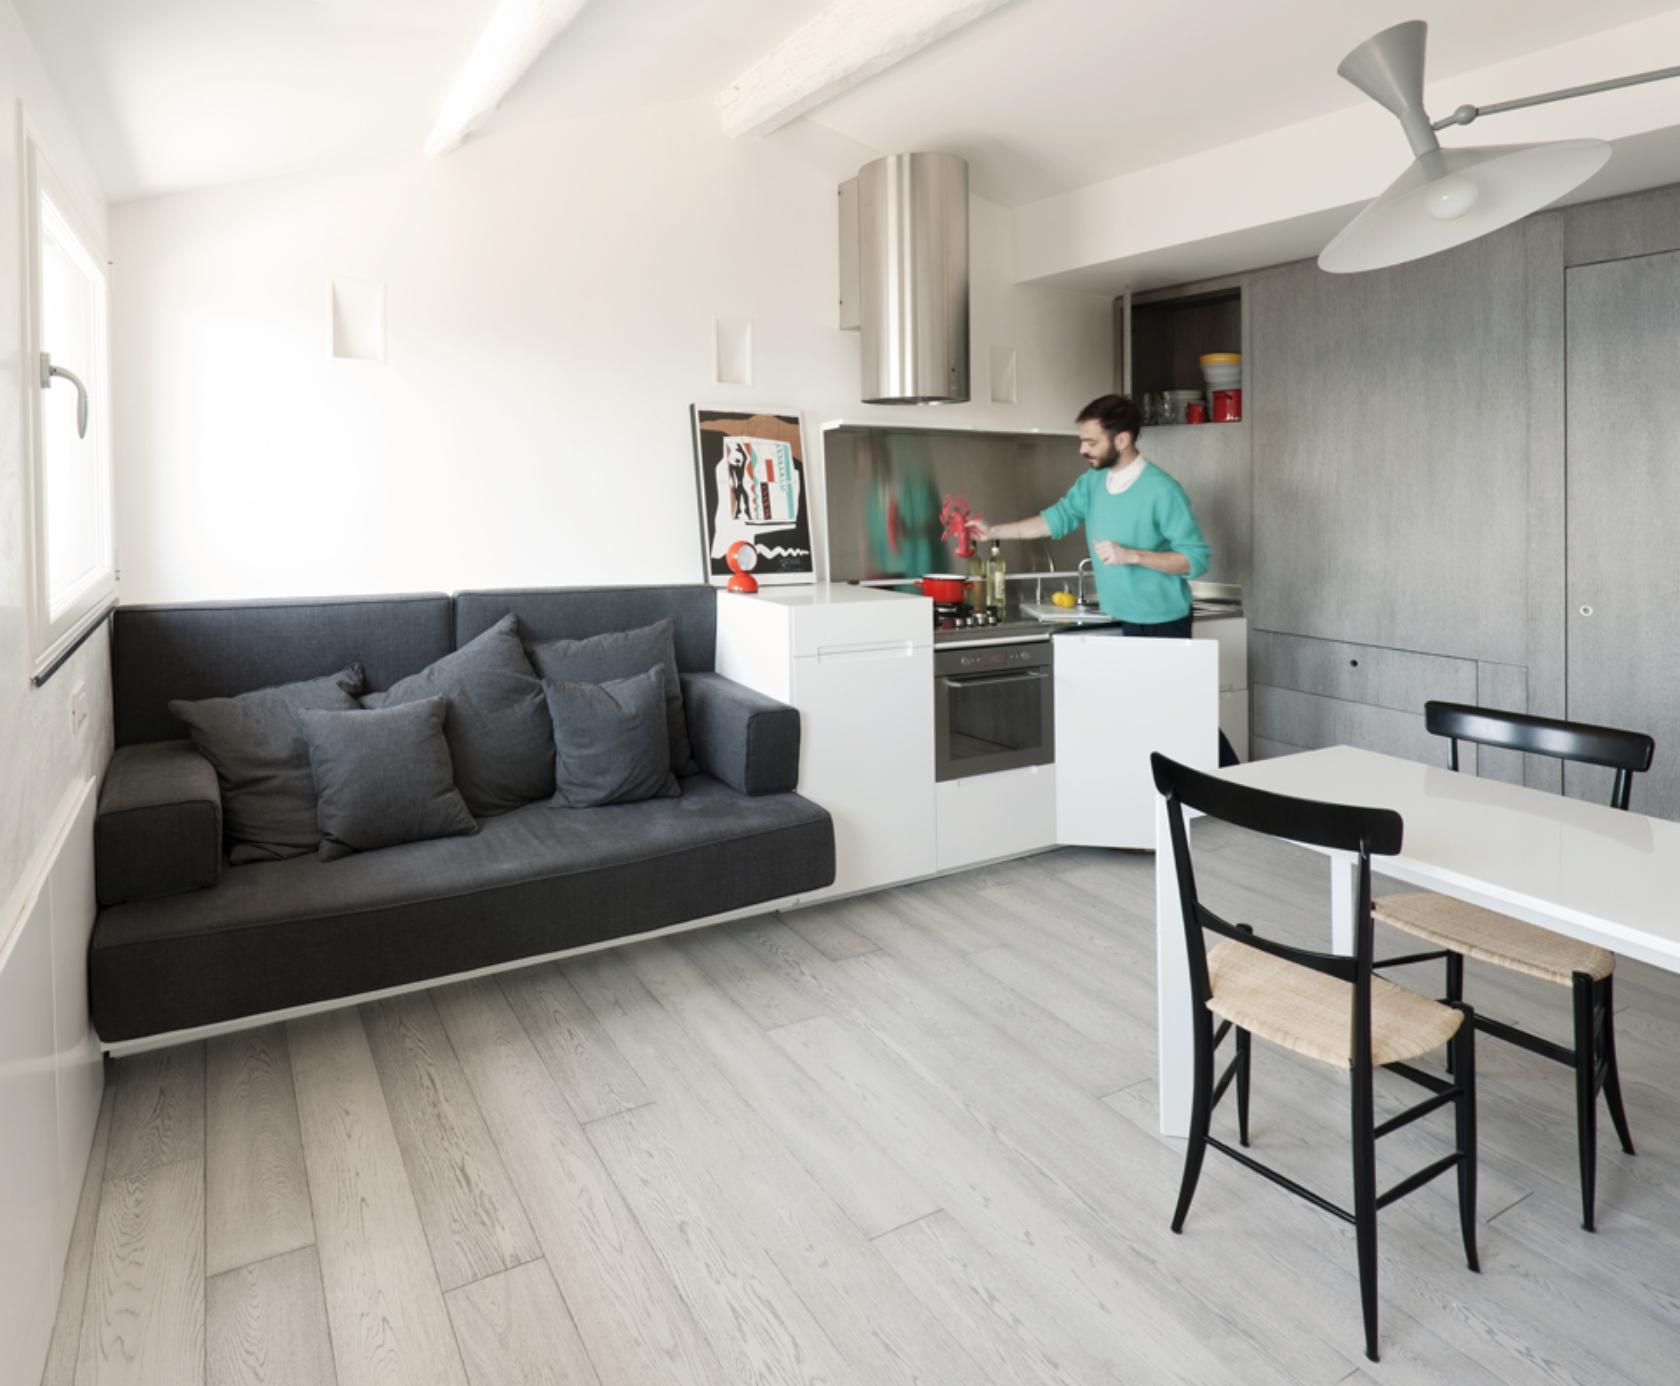 Built In Sofa Interior Design Ideas